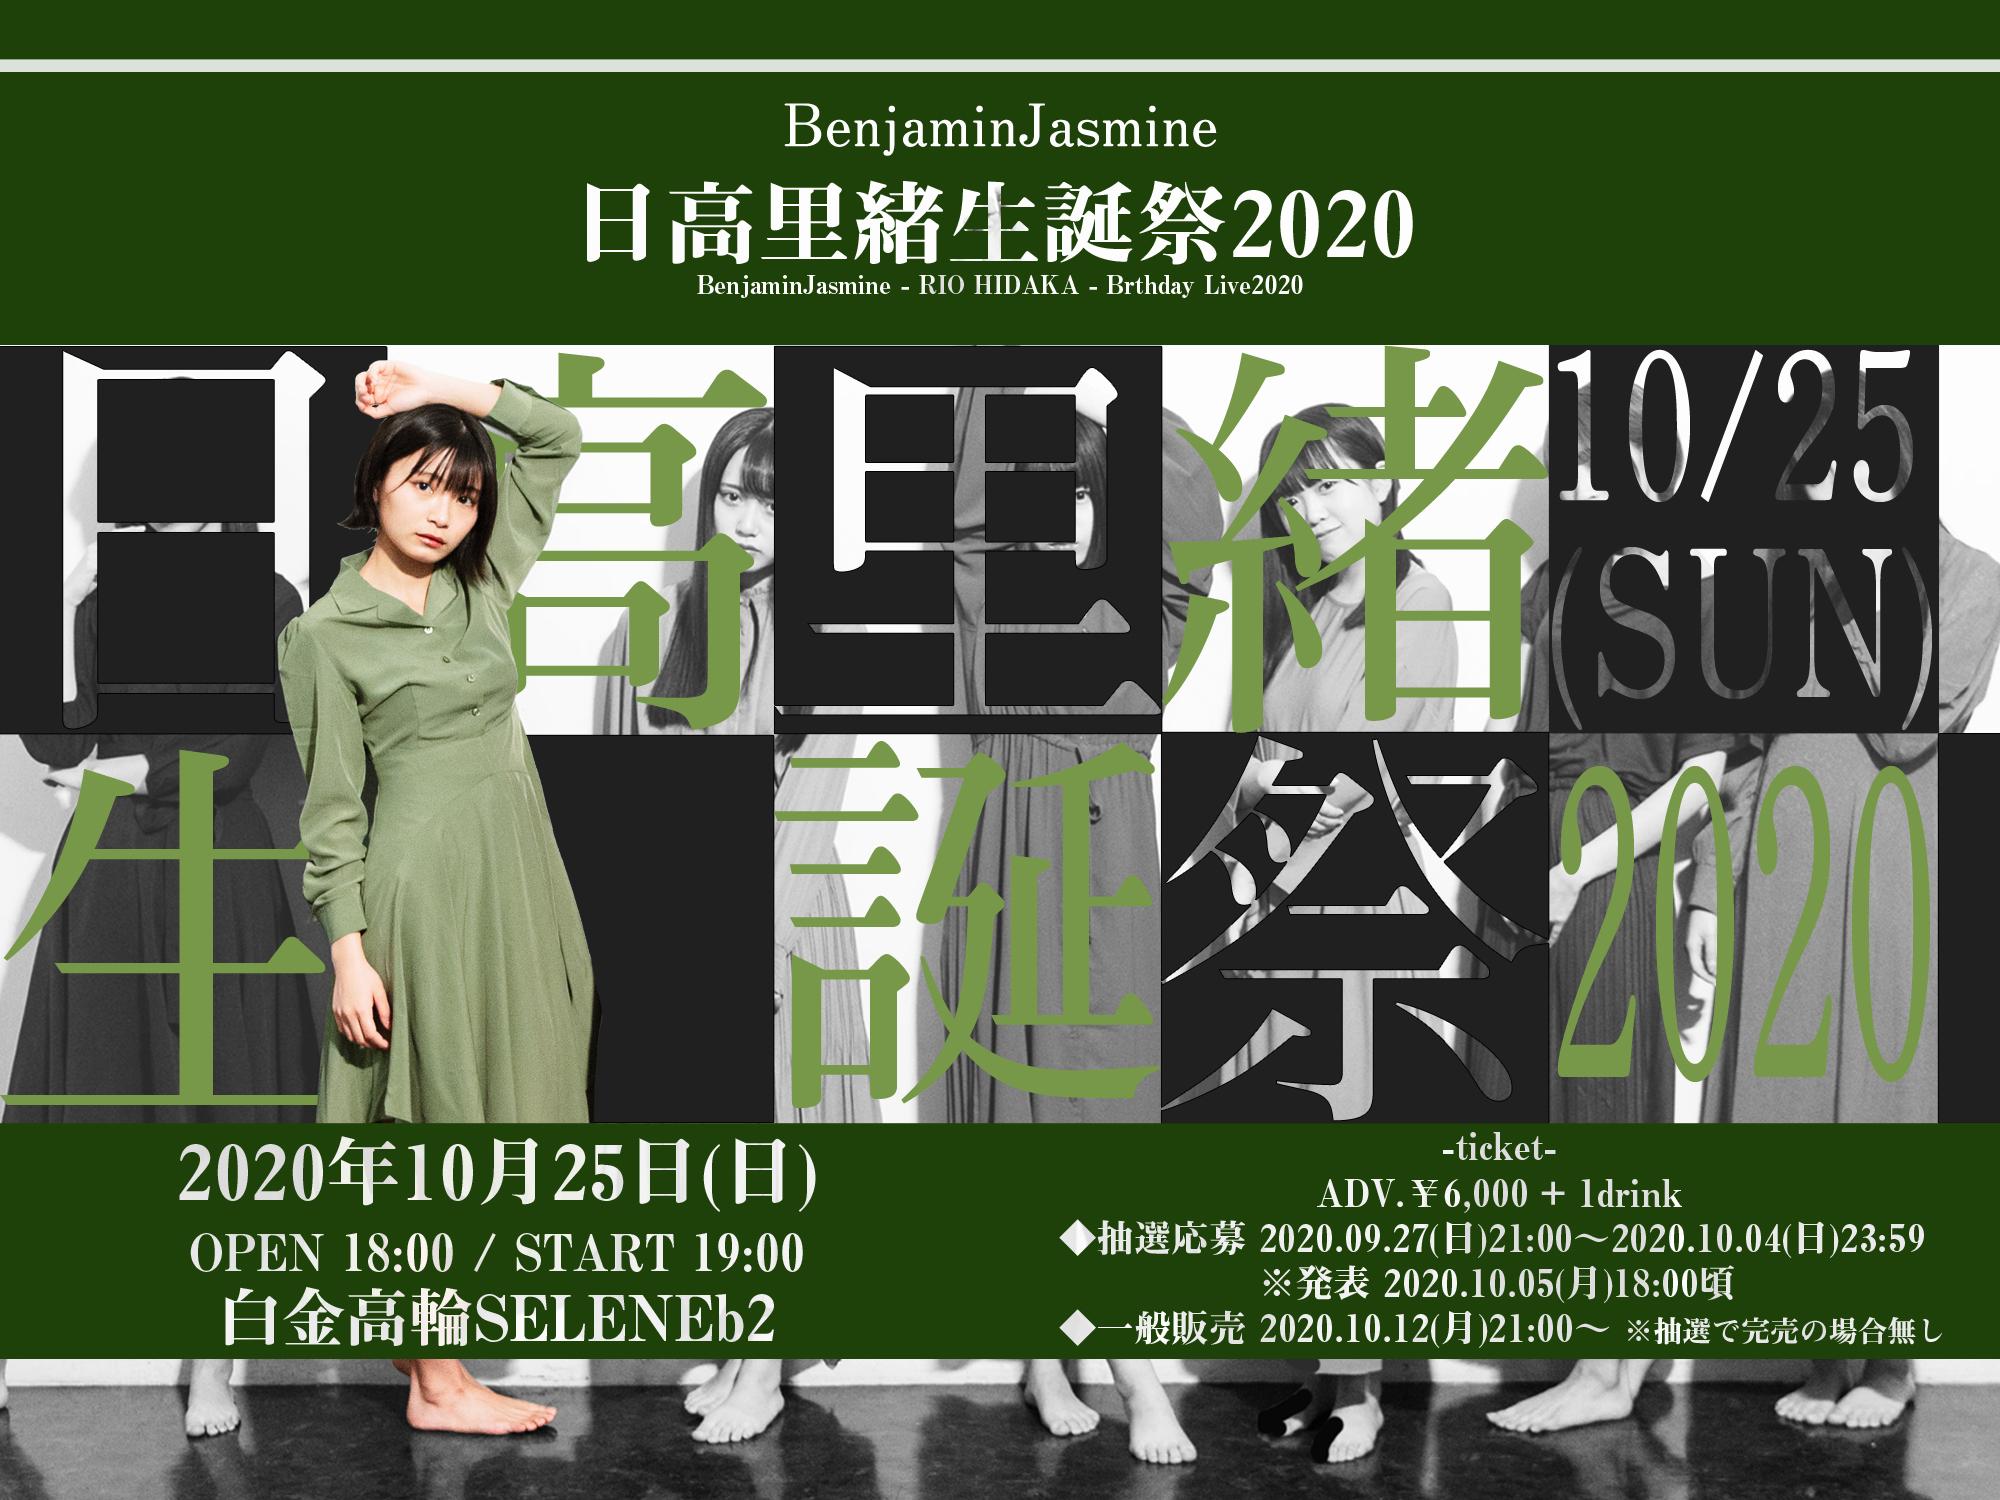 10月25日(日)『BenaminJamsine 日高里緒生誕祭2020』